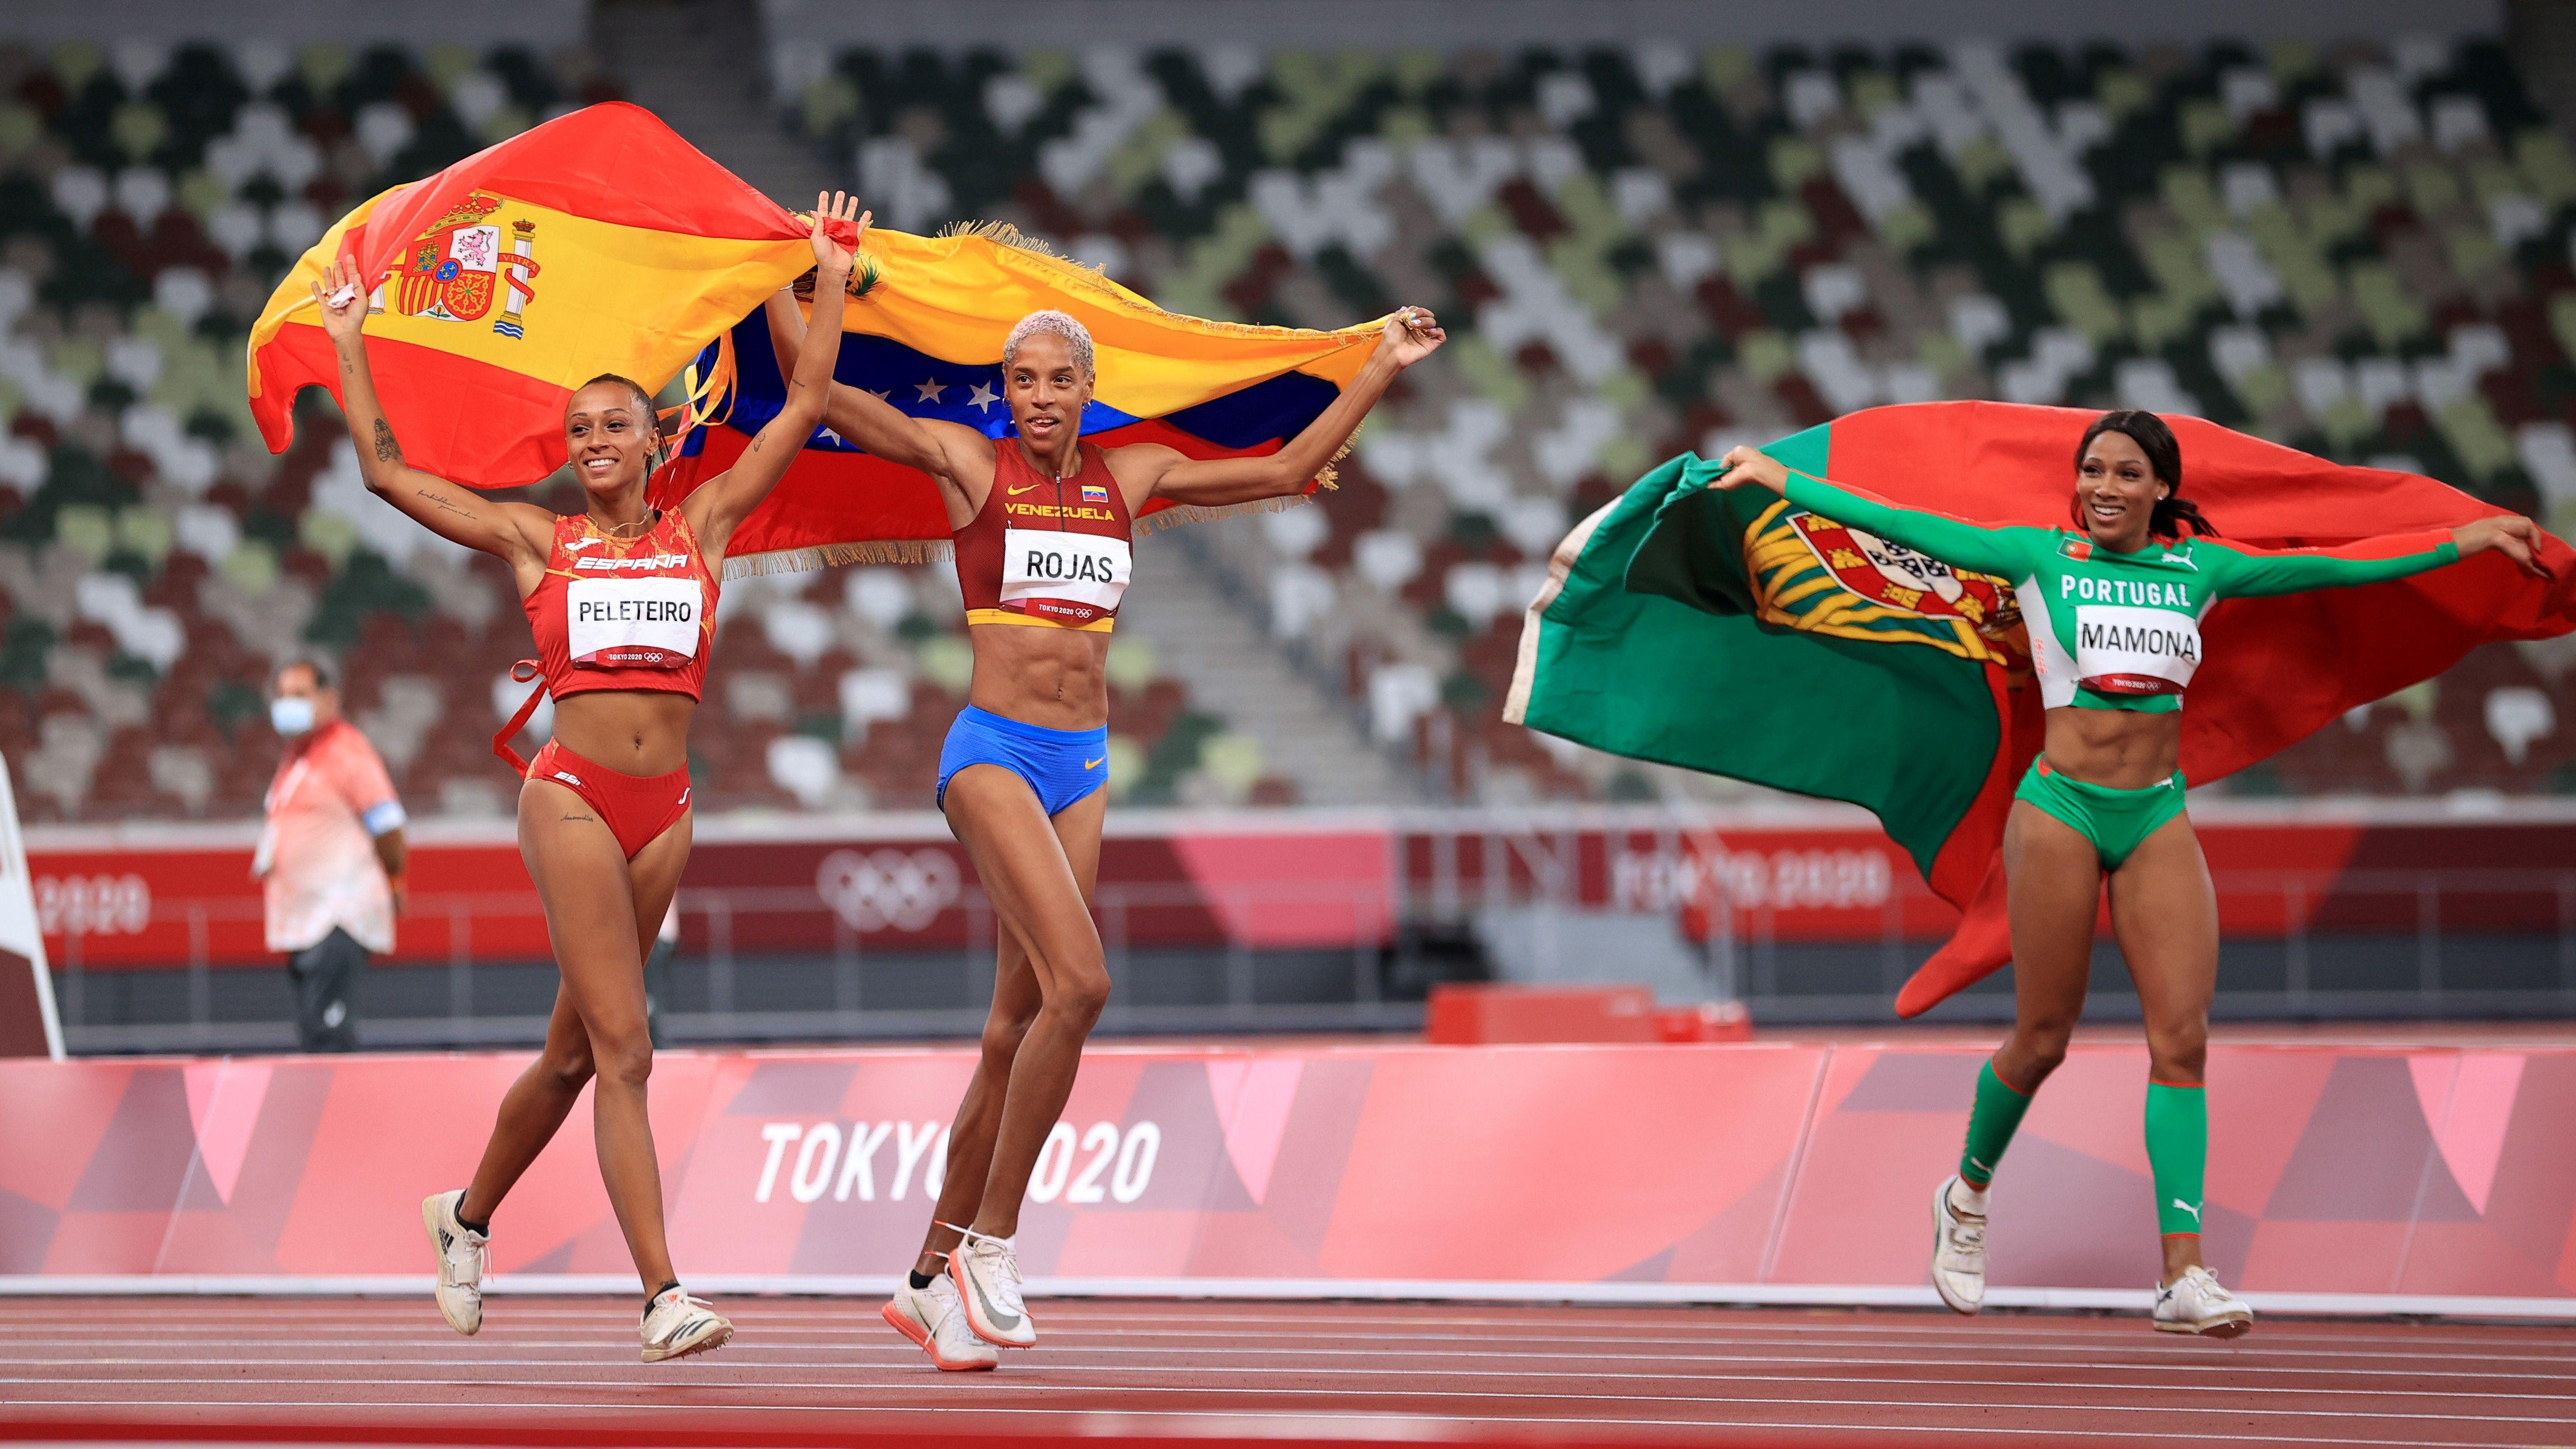 Junto a Yulimar, Patricia Mamona y Ana Pleteiro completaron el podio (Reuters)